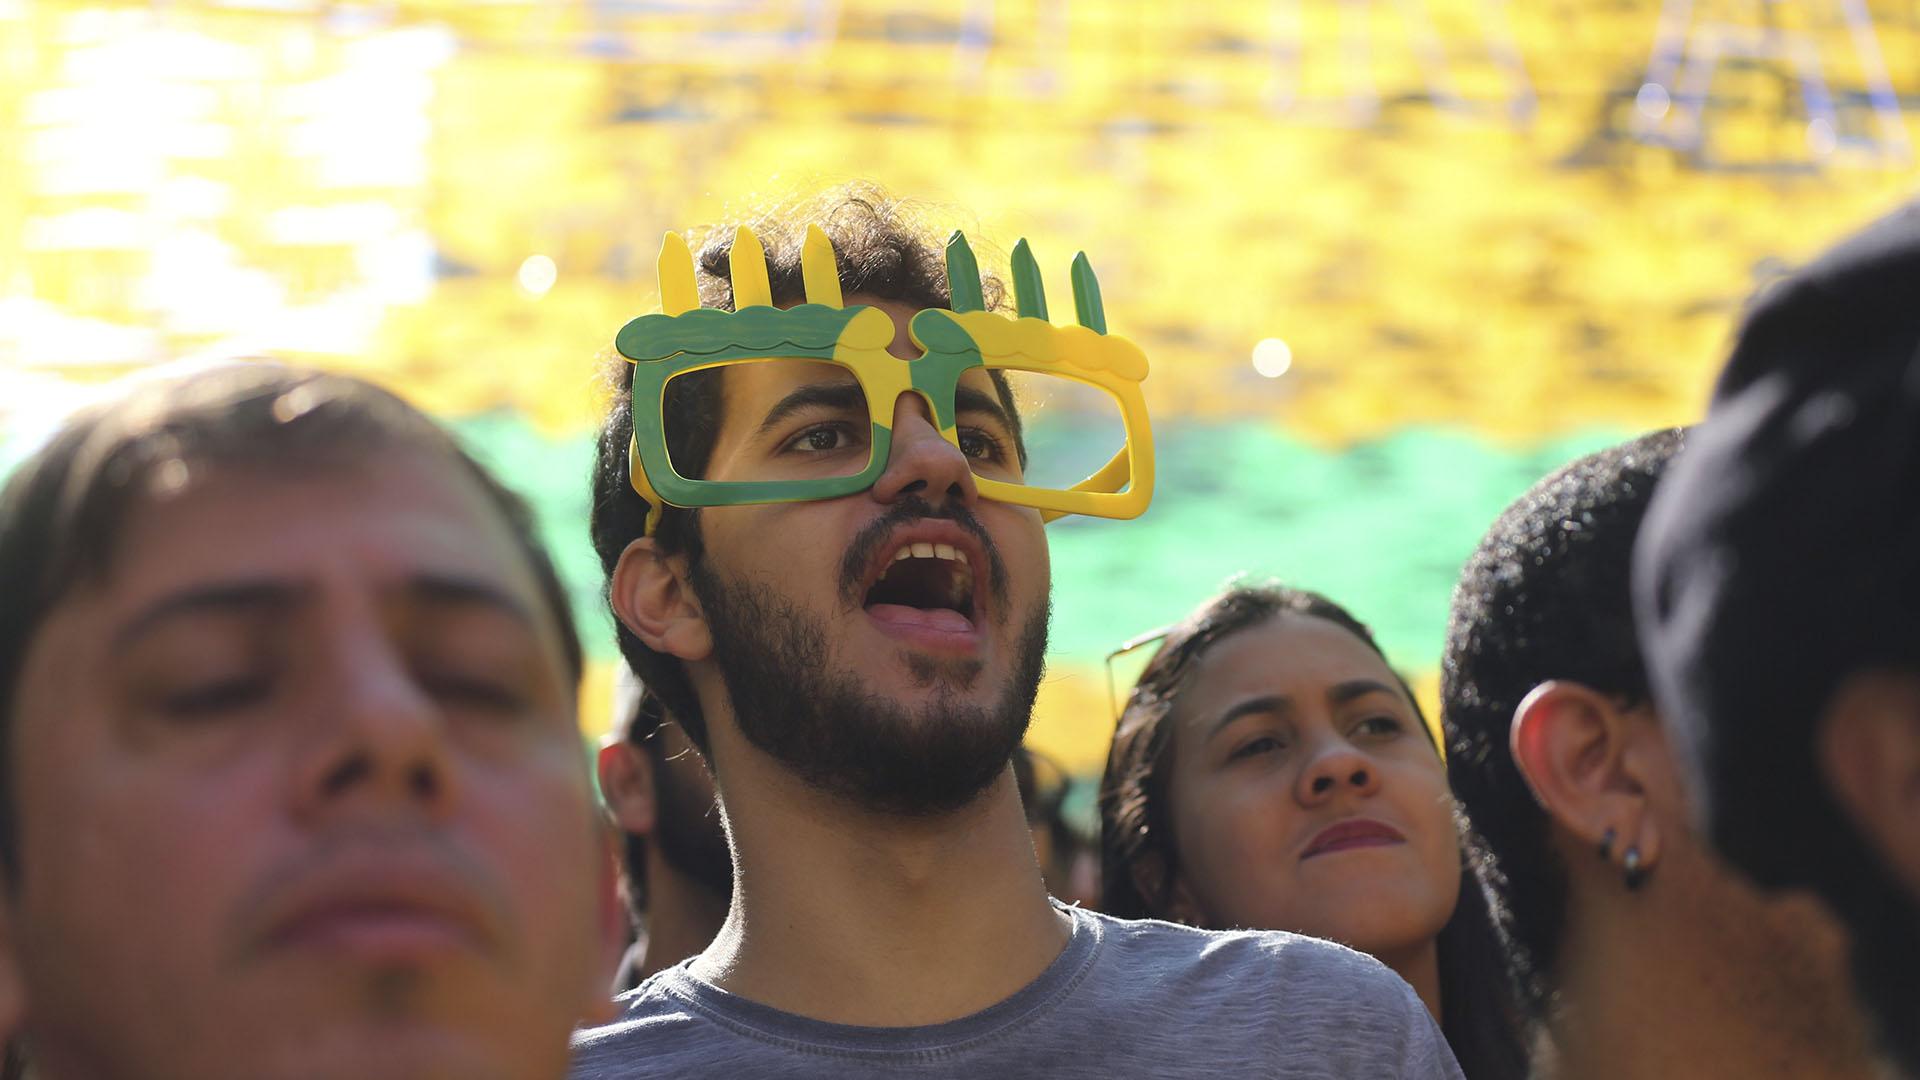 Los fanáticos de Brasil vivieron un caluroso encuentro